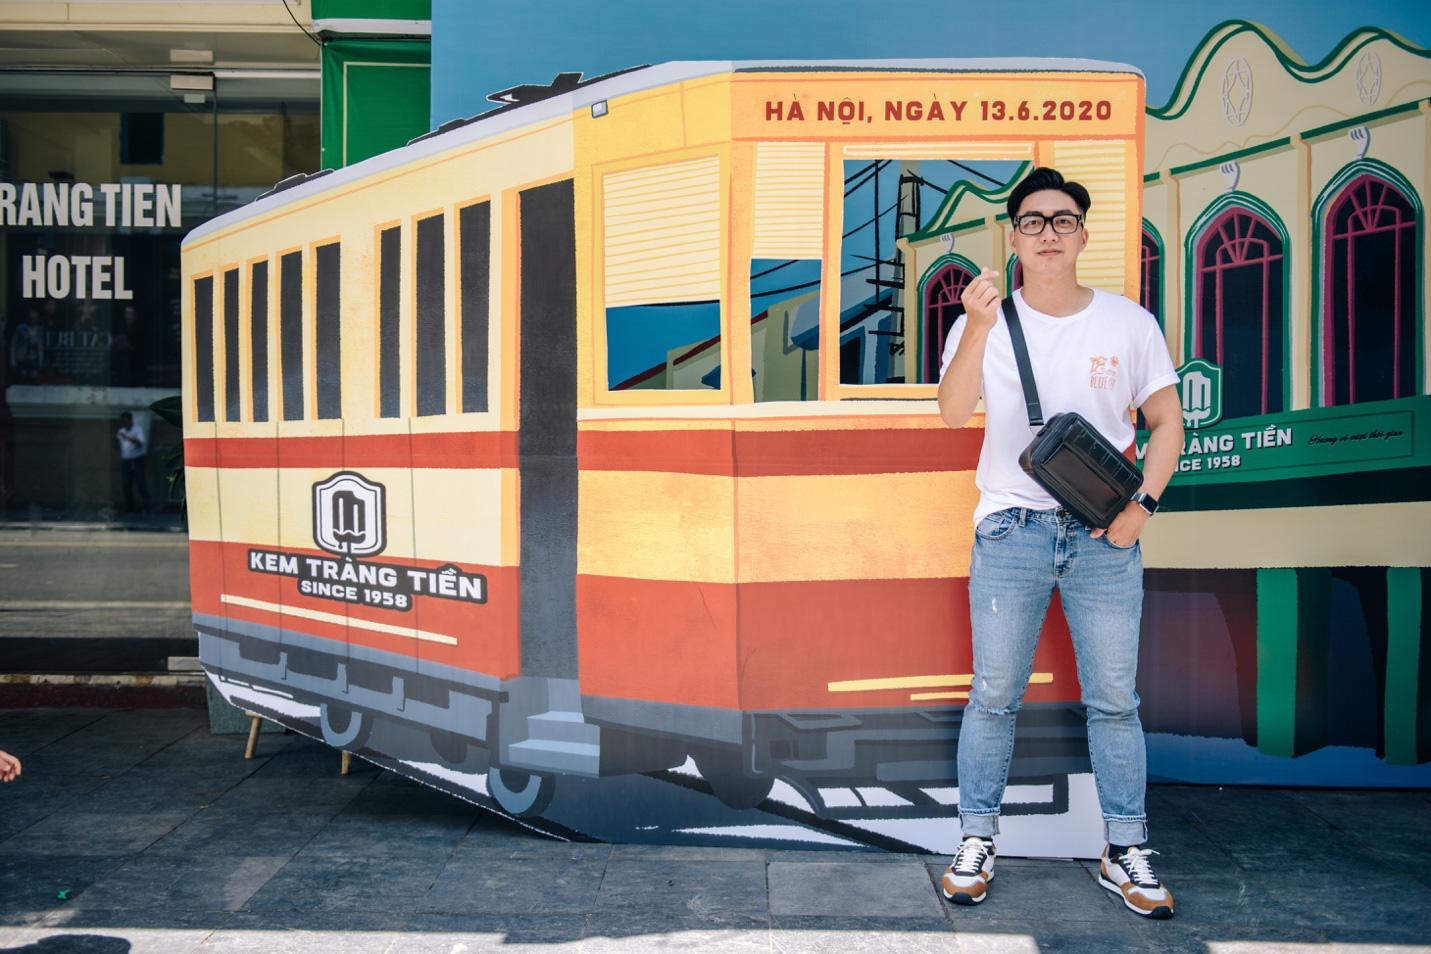 Dường như cả Hà Nội đều đang đổ về phố Tràng Tiền ăn kem, check-in với tàu điện xưa! - Ảnh 5.